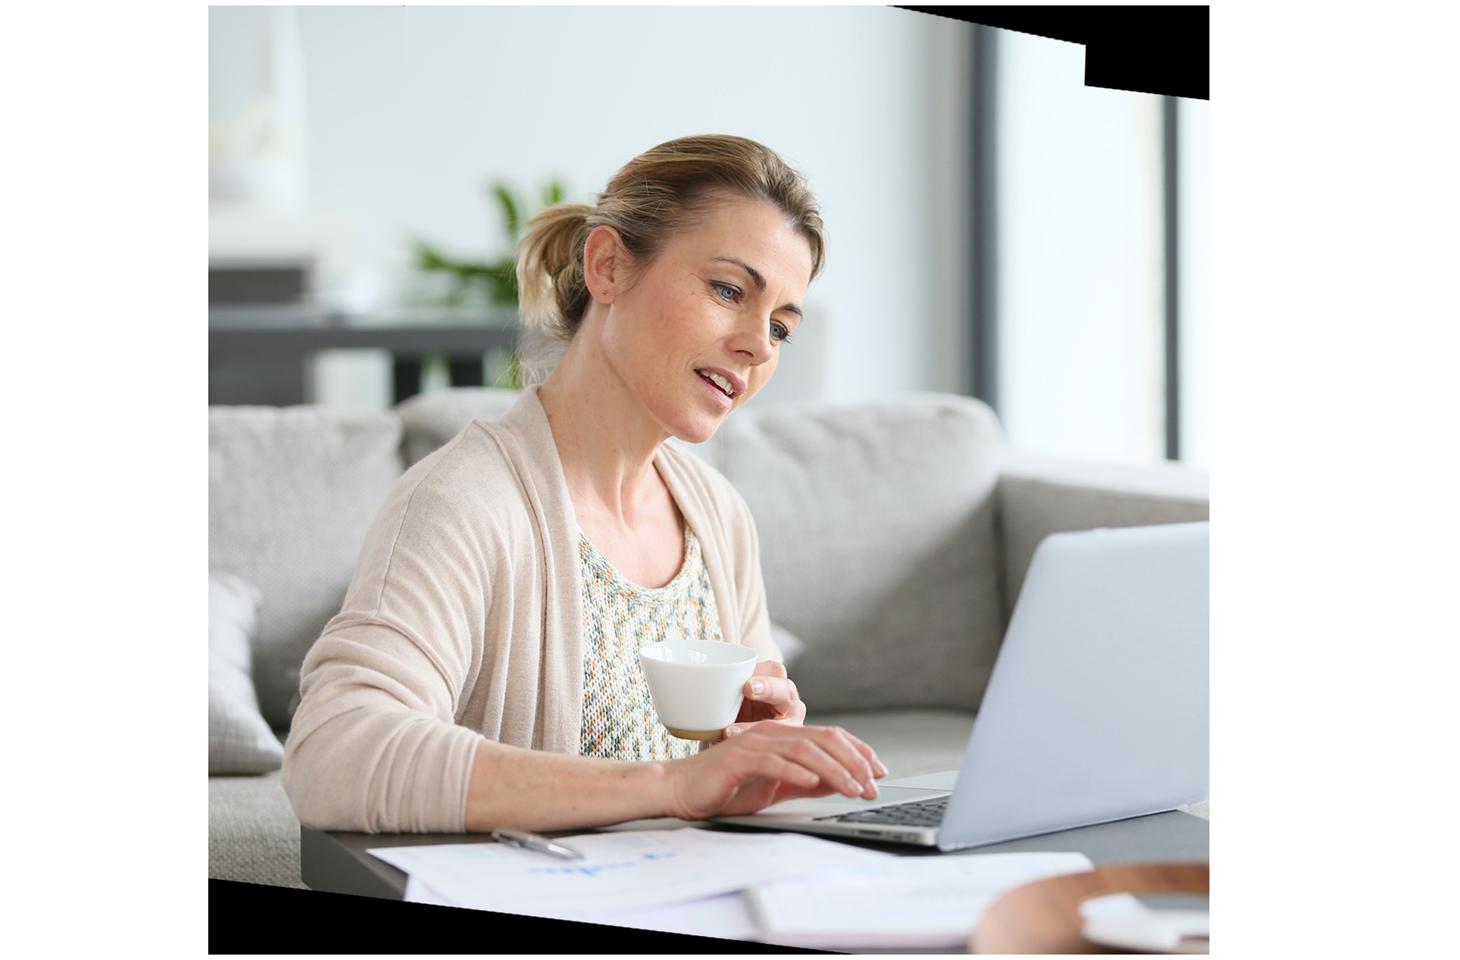 Cómo promueve la ergonomía un lugar de trabajo más saludable y productivo | Blog oficial de Kaspersky